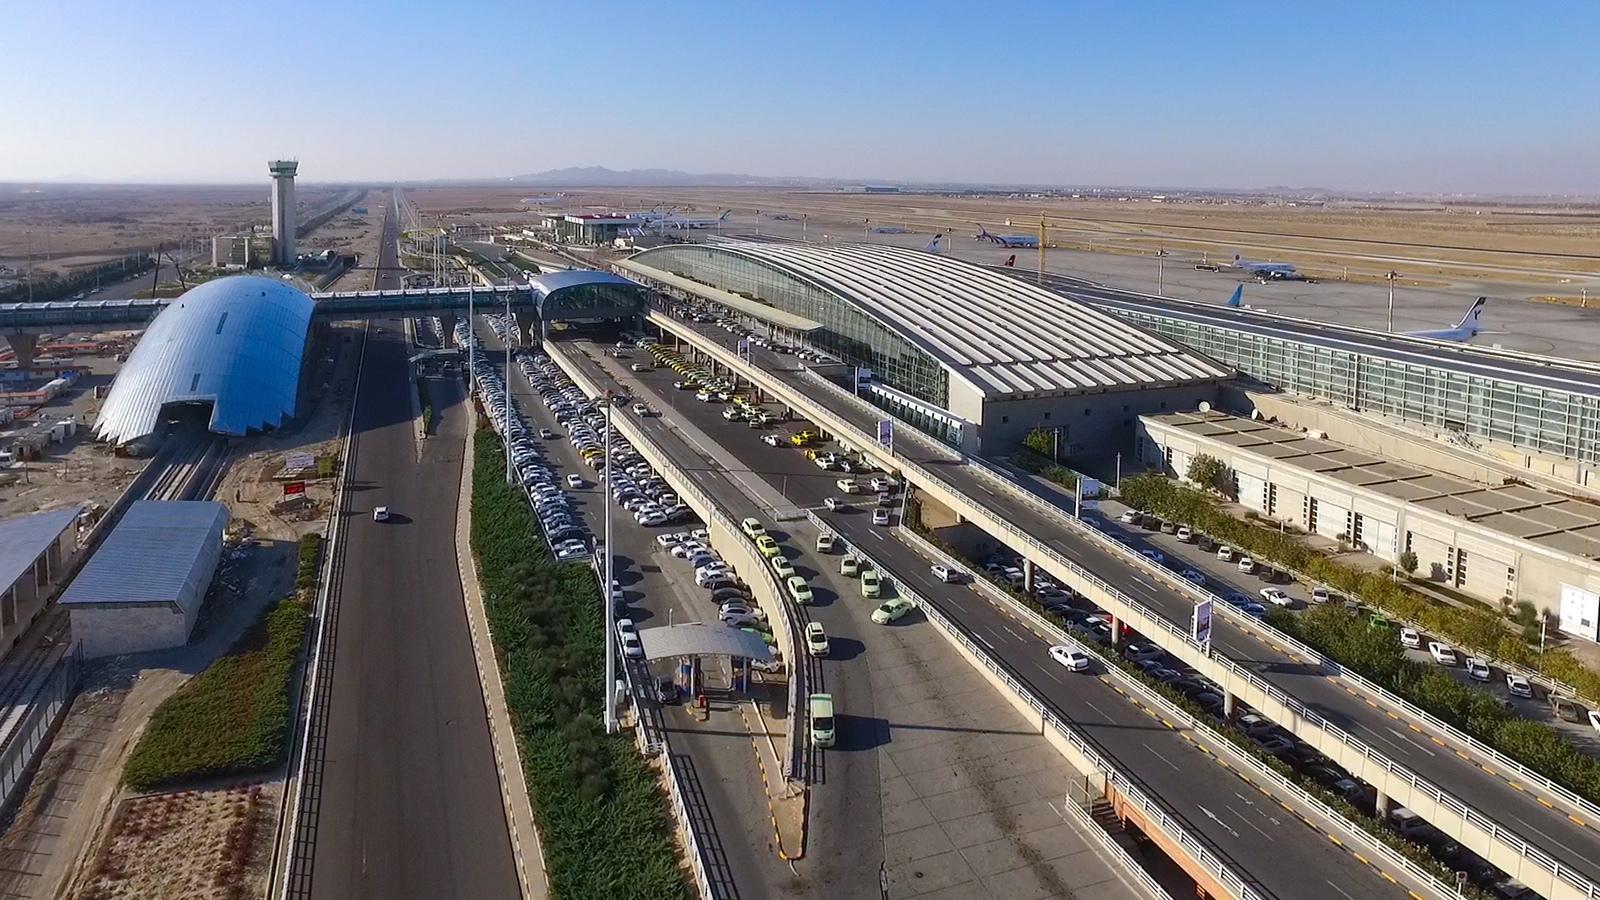 فرودگاه بین المللی تهران